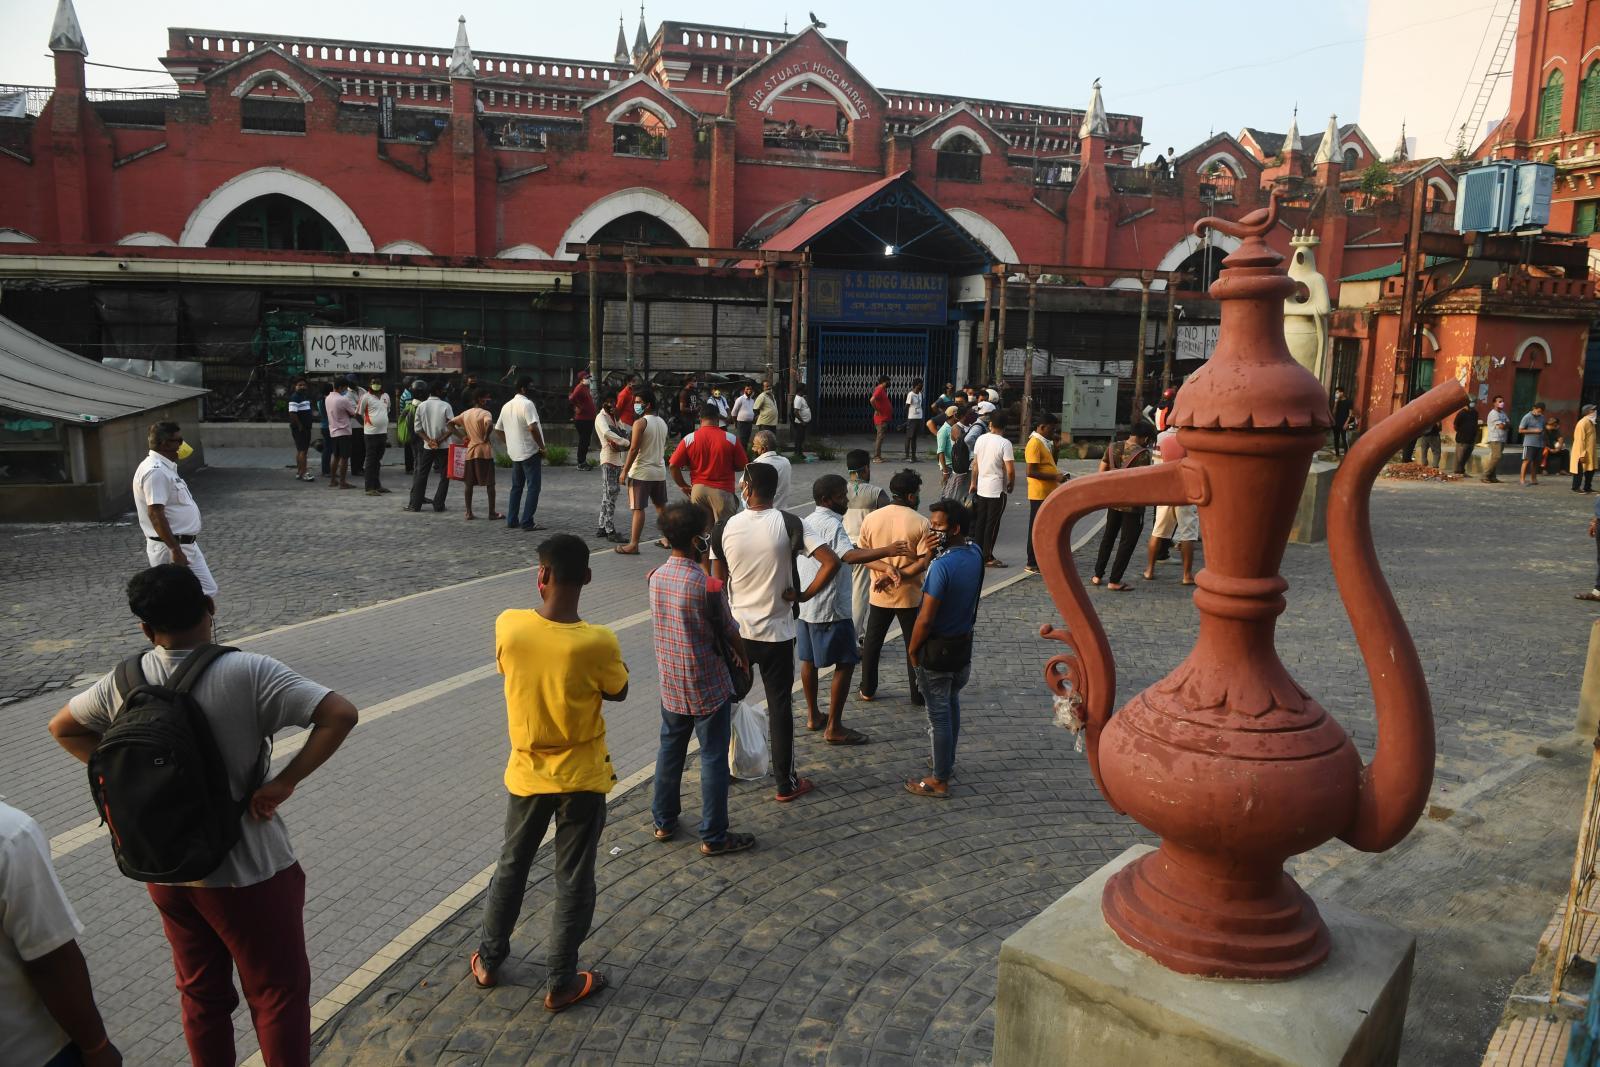 ชาวอินเดีย ต่อแถวซื้อเหล้า-เบียร์ หลังผ่อนล็อกดาวน์